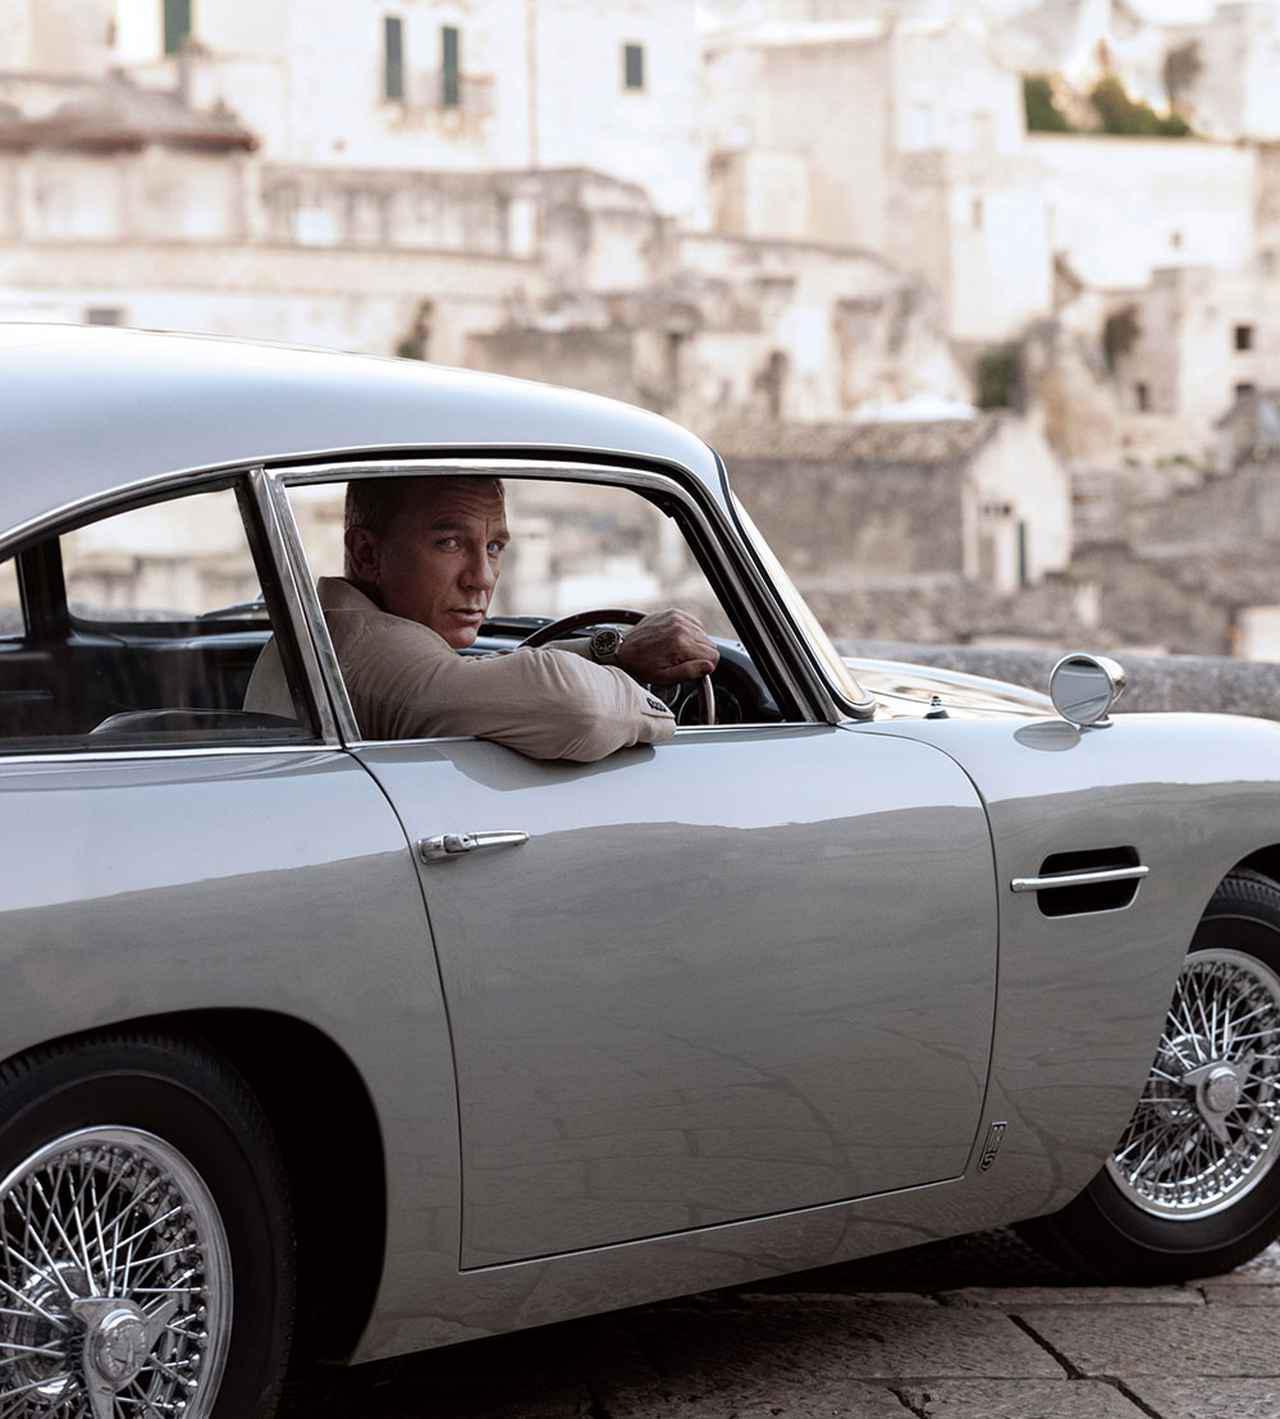 画像1: 【ファン必見】『007/ノー・タイム・トゥ・ダイ』にてキャストが着用しているOMEGAのタイムピース